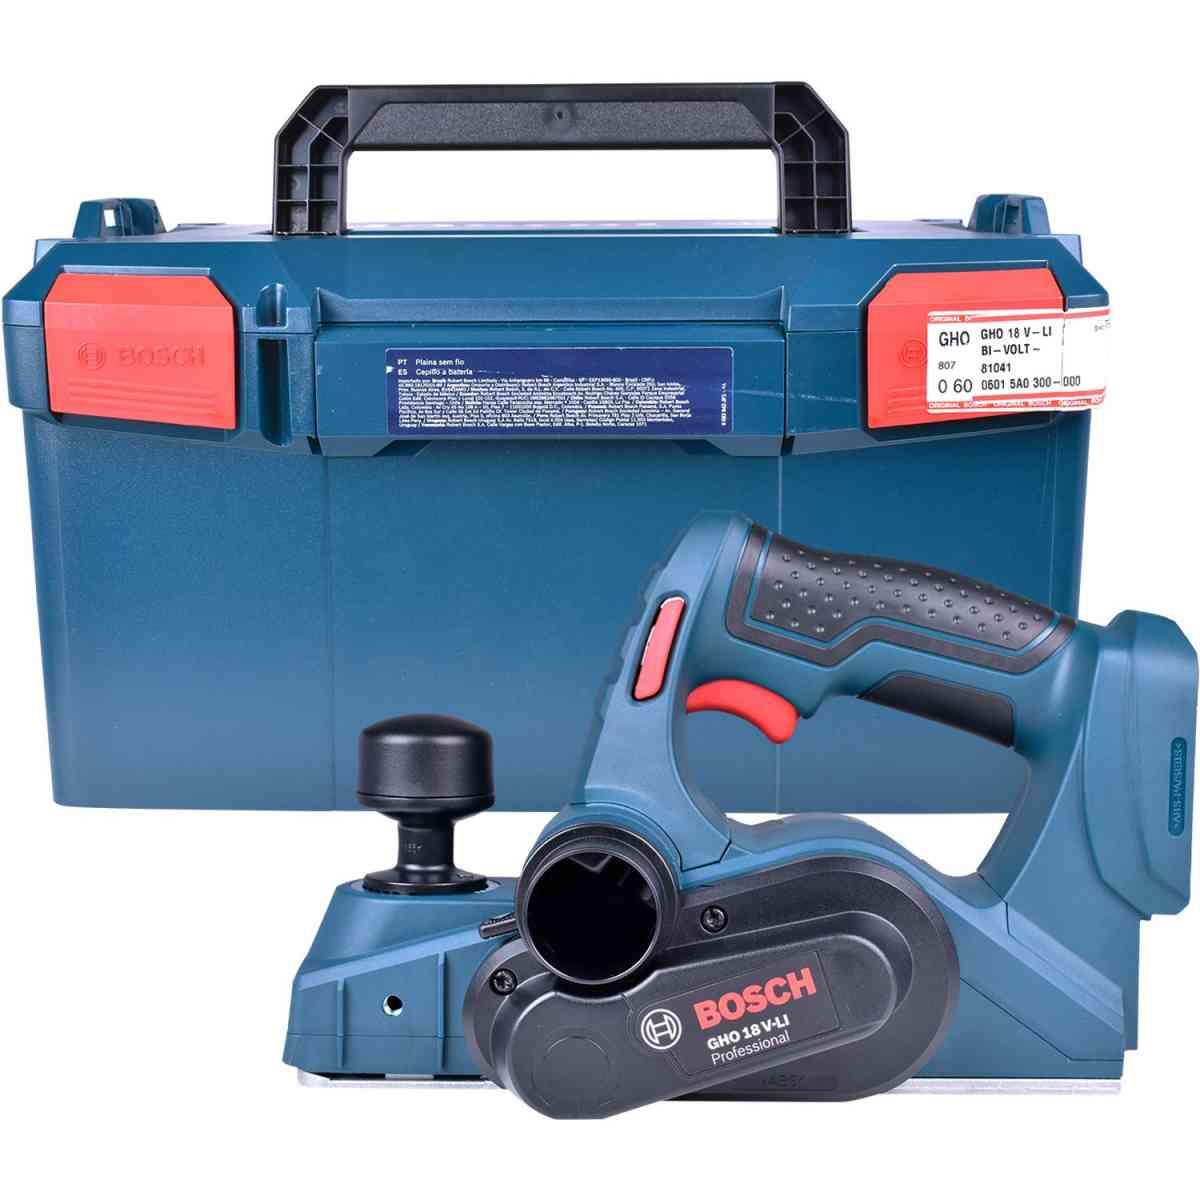 Plaina 82mm a Bateria GHO18V-LI S/Bataria – Bosch